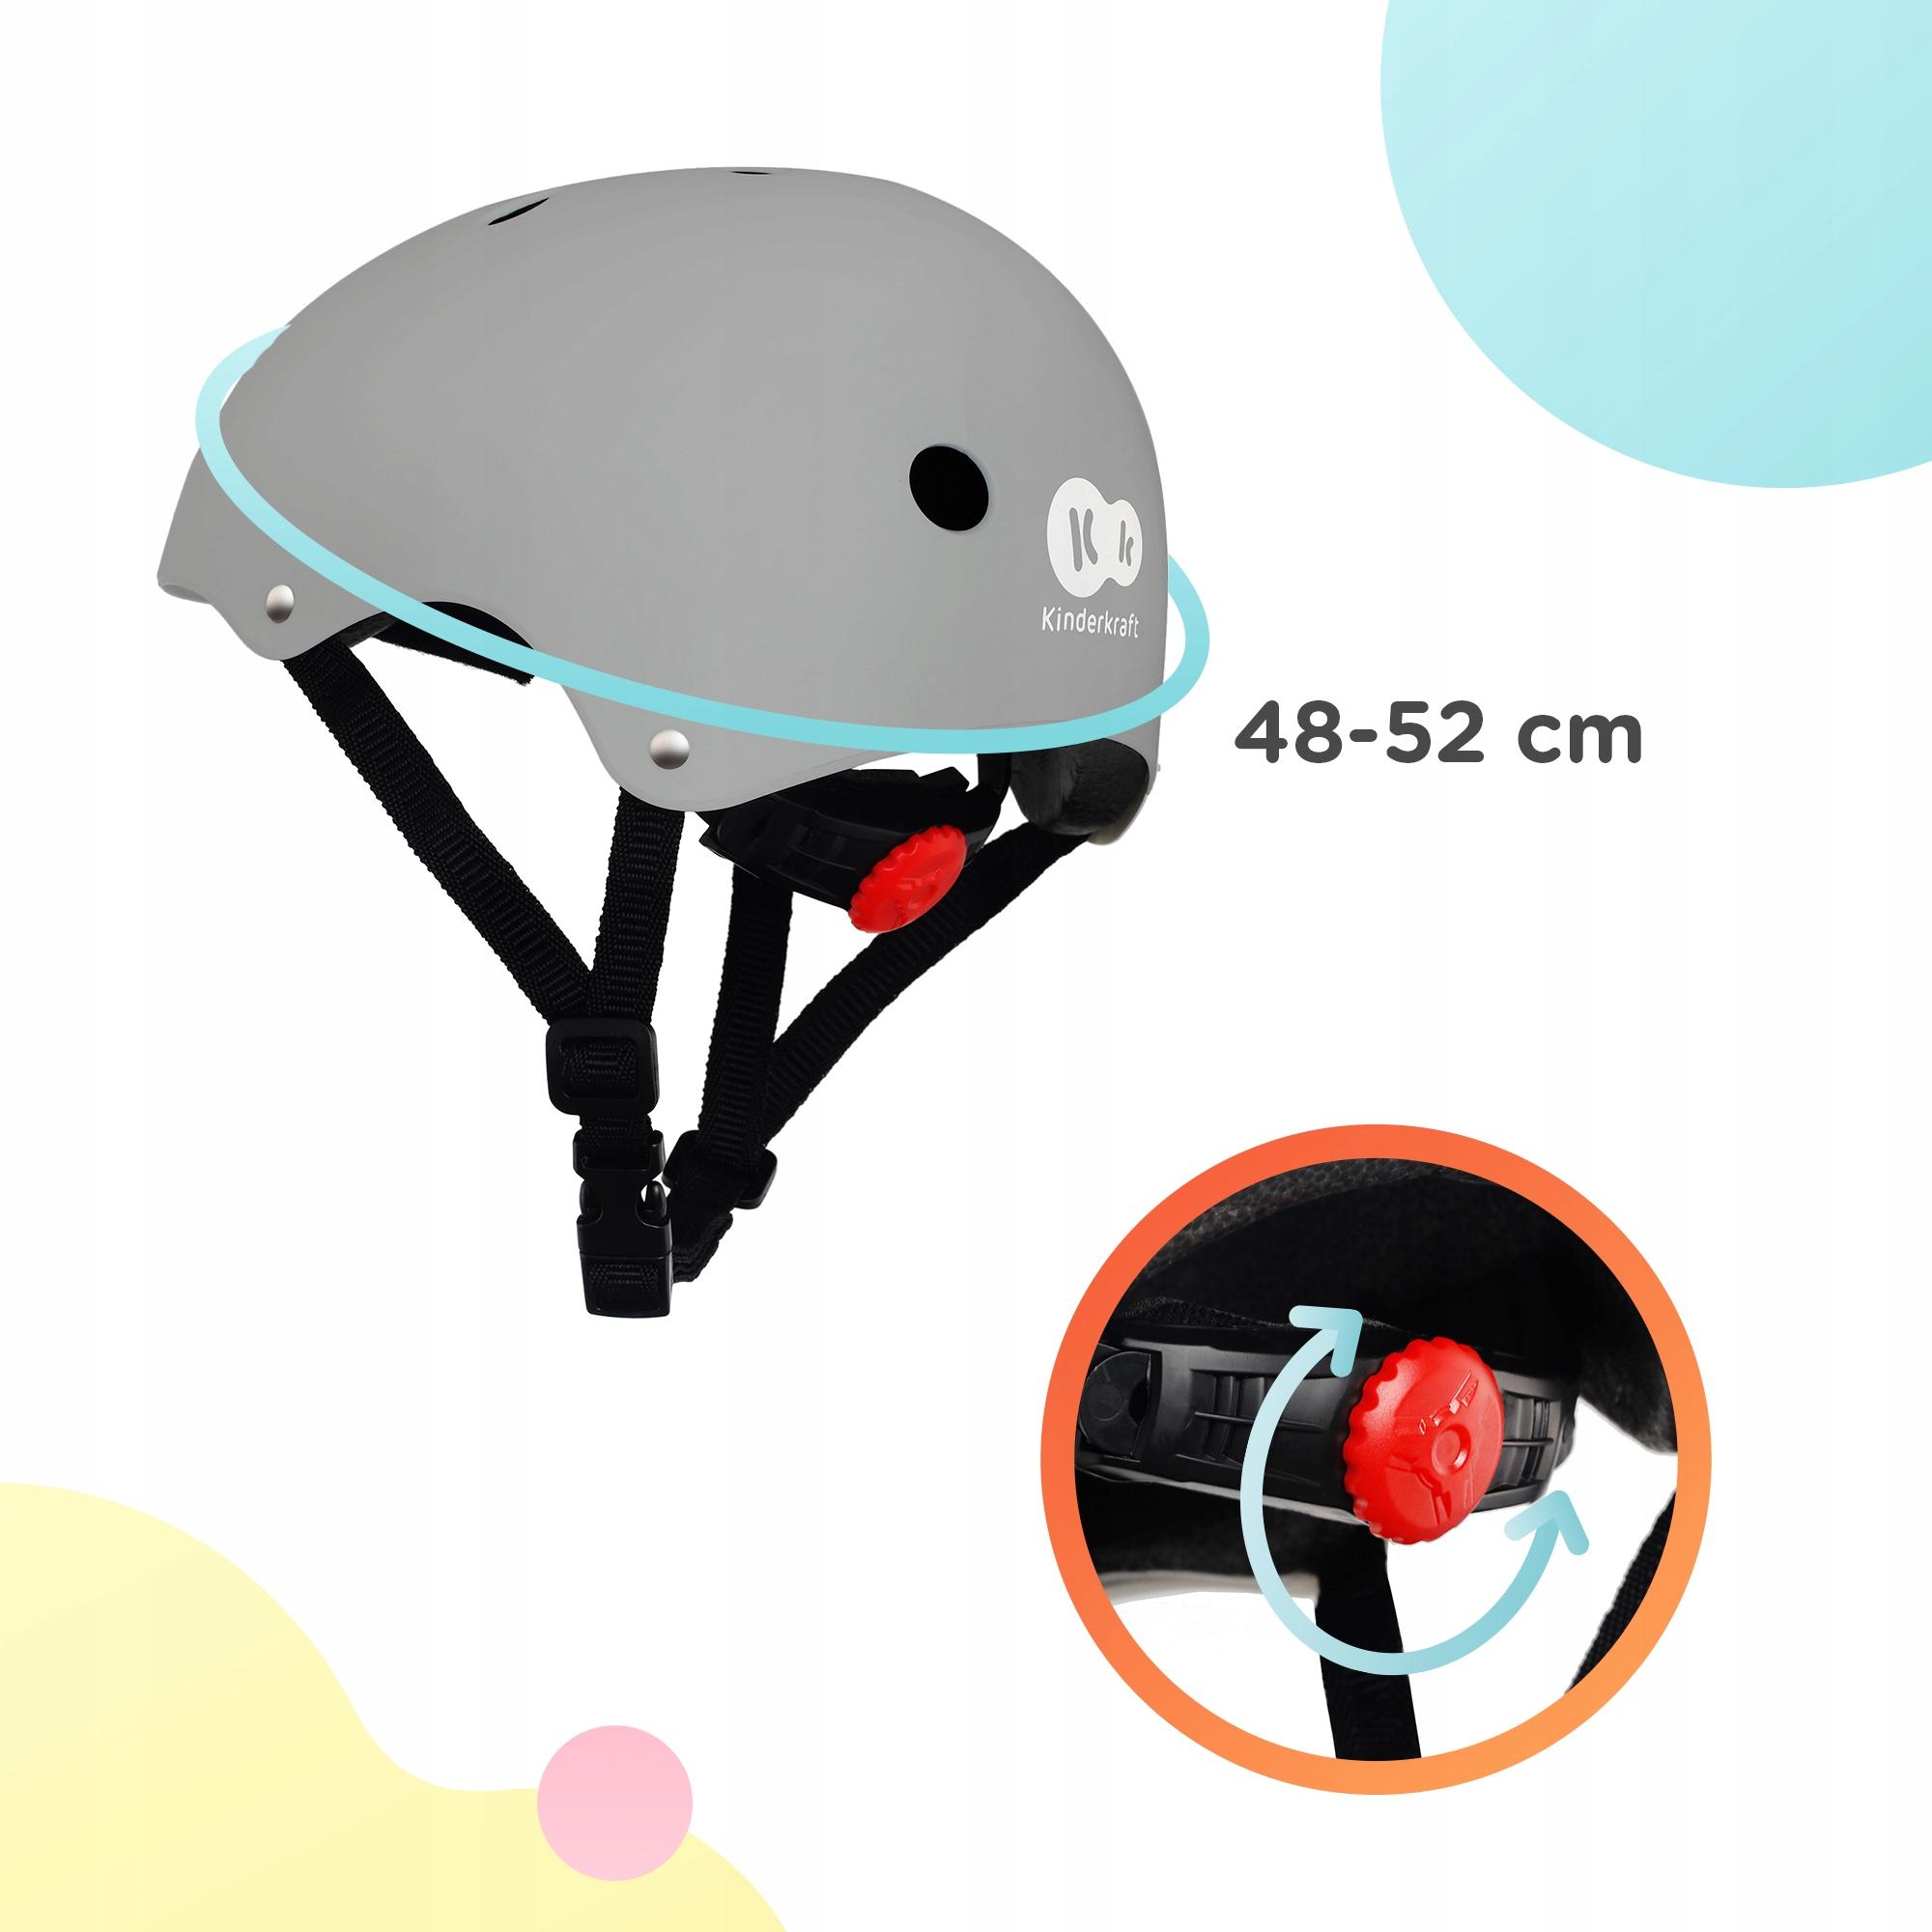 Kask rowerowy dziecięcy Kinderkraft SAFETY Marka Kinderkraft